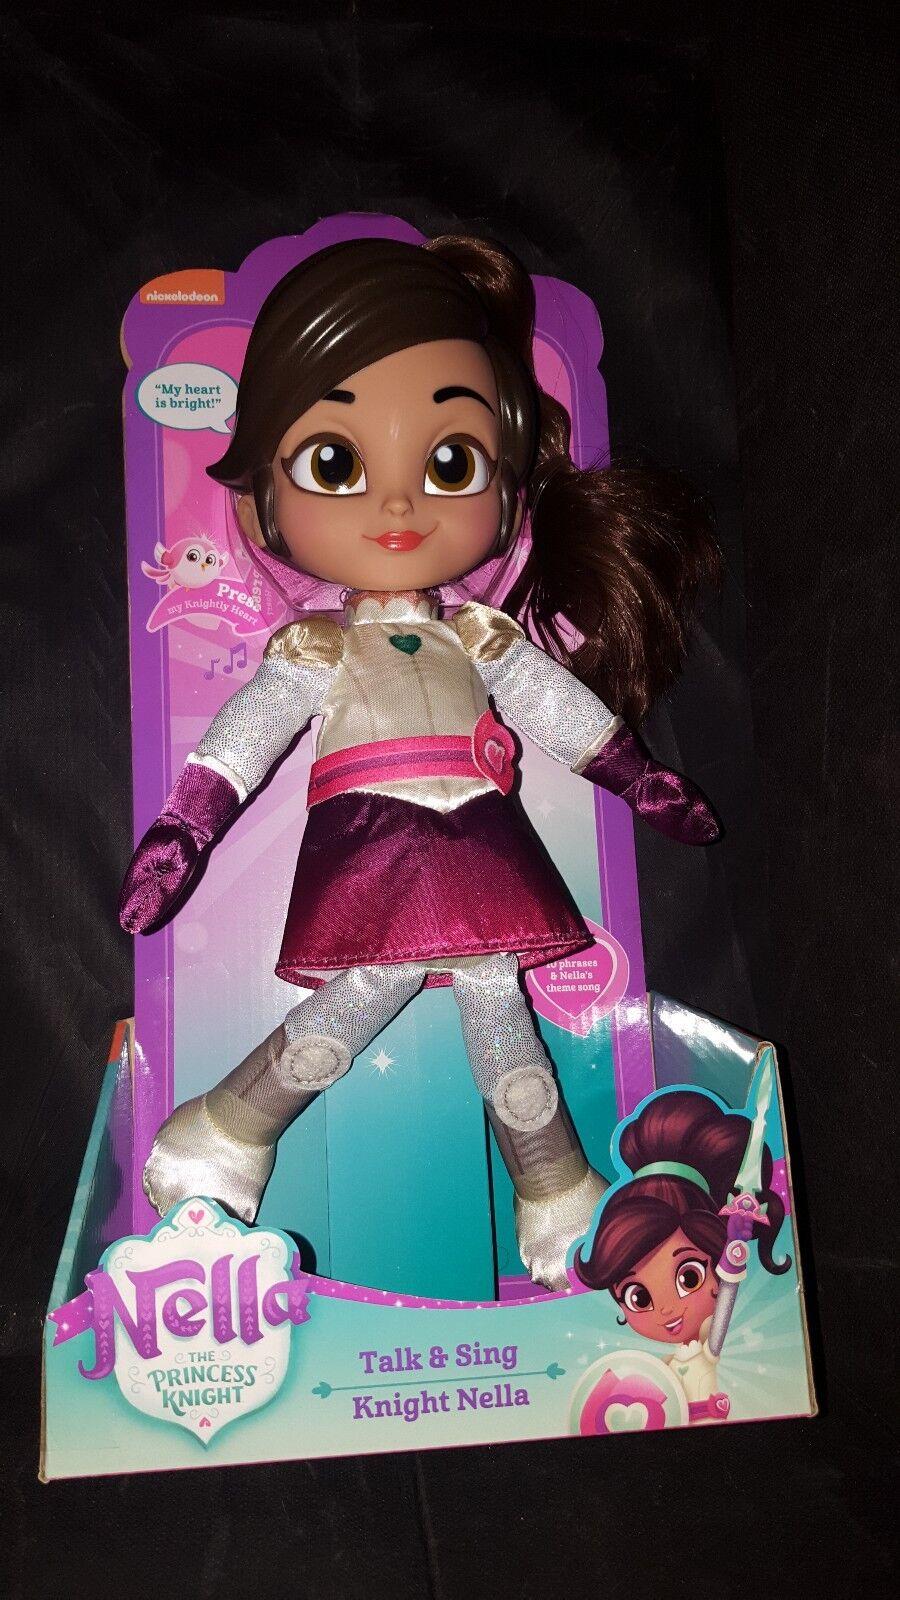 Nella The Princess Knight Talk & Sing Doll BNIB